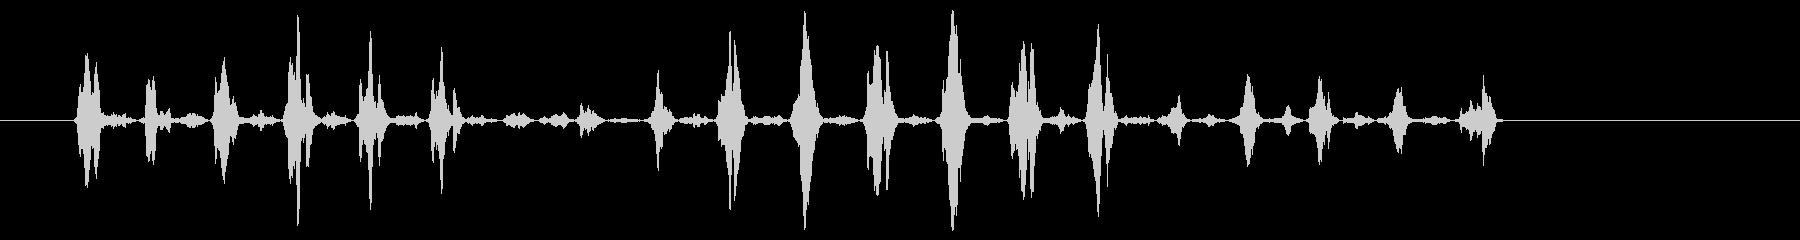 サンディングウッド3の未再生の波形